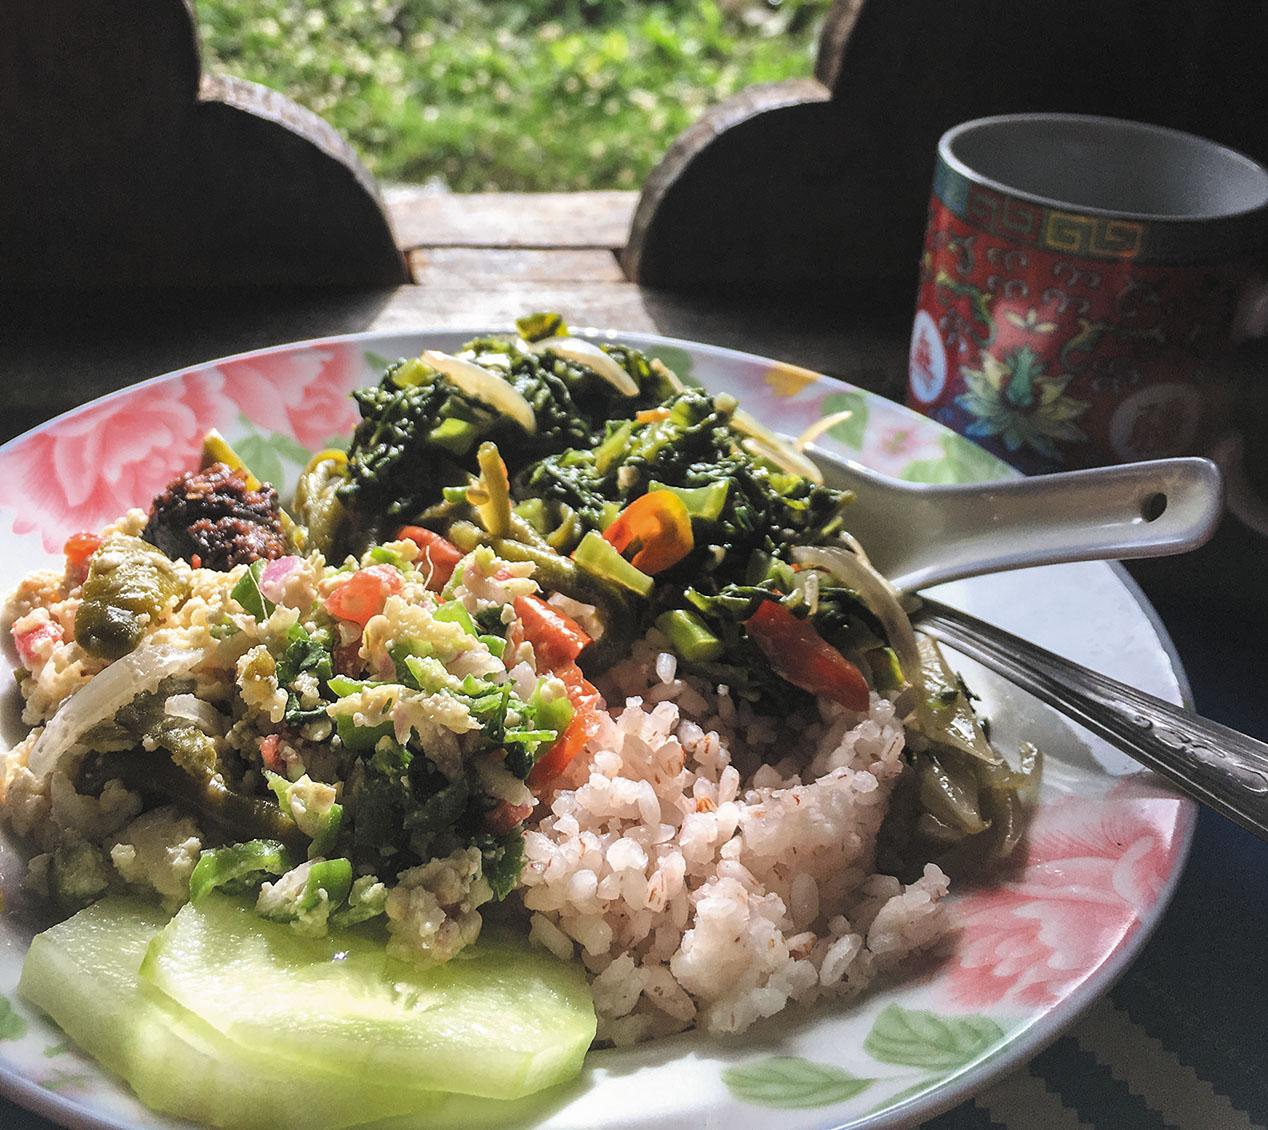 ブータンの家庭にお邪魔してランチ。やはり家庭料理が一番美味だった。